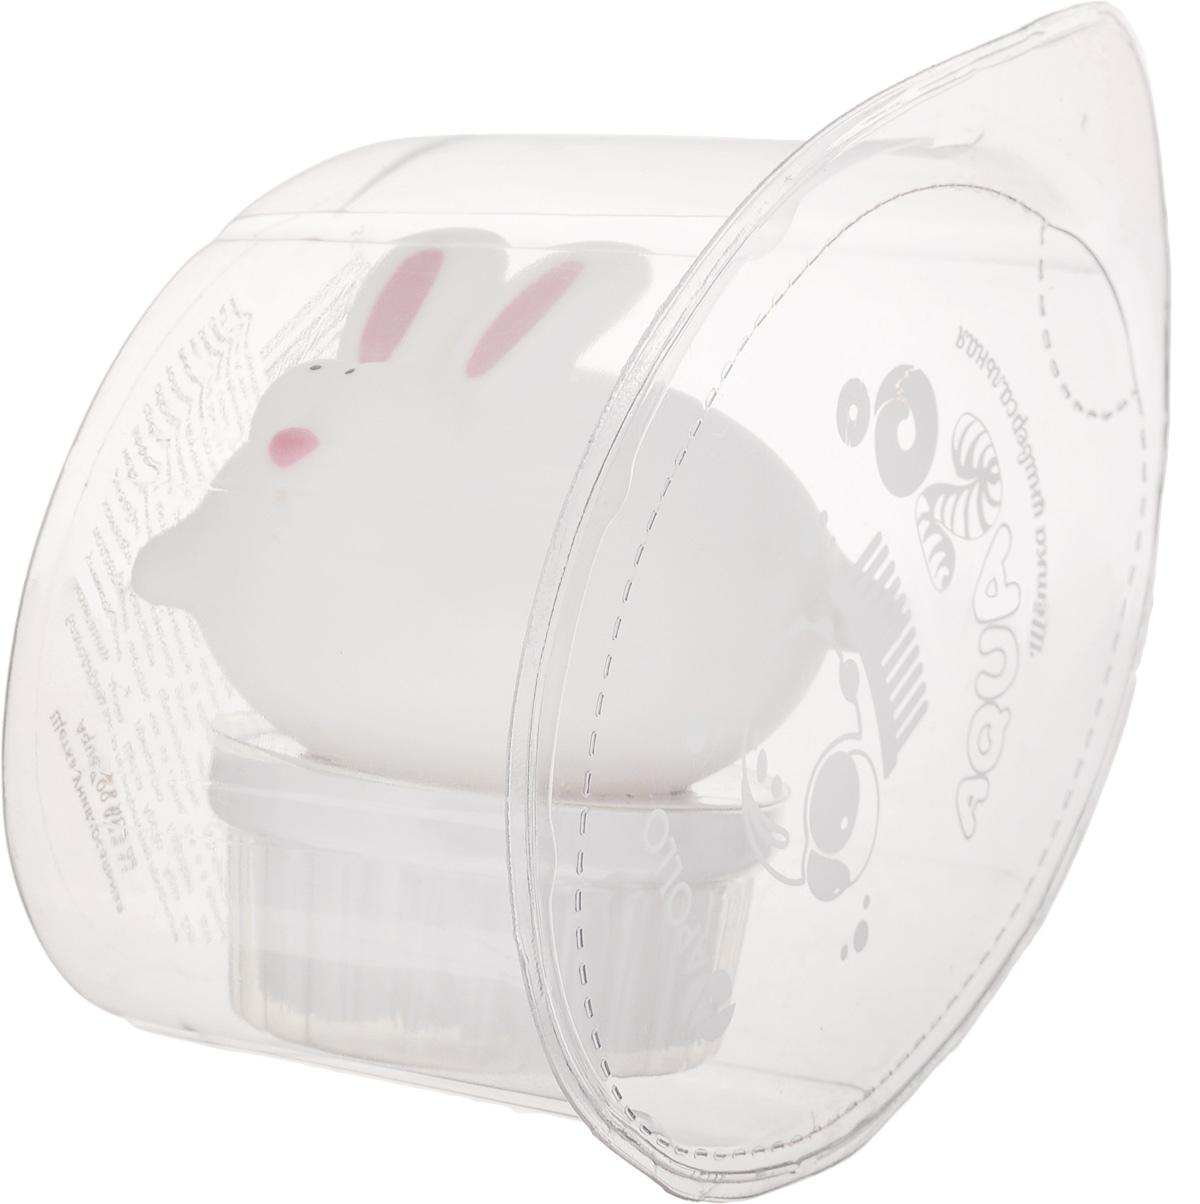 Щетка универсальная Apollo AquaZoo. КроликAQZ-08_кролЩетка Apollo AquaZoo. Кролик, изготовленная из пищевого пластика и нейлона, выполнена в видекролика. Она универсальна и прекрасно подойдет для поддержания чистоты как на кухне, так и в ванной комнате. Благодаря оригинальному, дружелюбному дизайну и эргономичной ручке, такая щетка станет незаменимым инструментом в вашем доме. Для наилучшего эффекта щетку необходимо использовать вместе с чистящими средствами, рекомендованными для поверхностей, которые вы обрабатываете.Нельзя мыть в посудомоечной машине.Не использовать для мытья щетки абразивные вещества.Длина ворса: 1,5 см.Диаметр рабочей поверхности: 5 см.